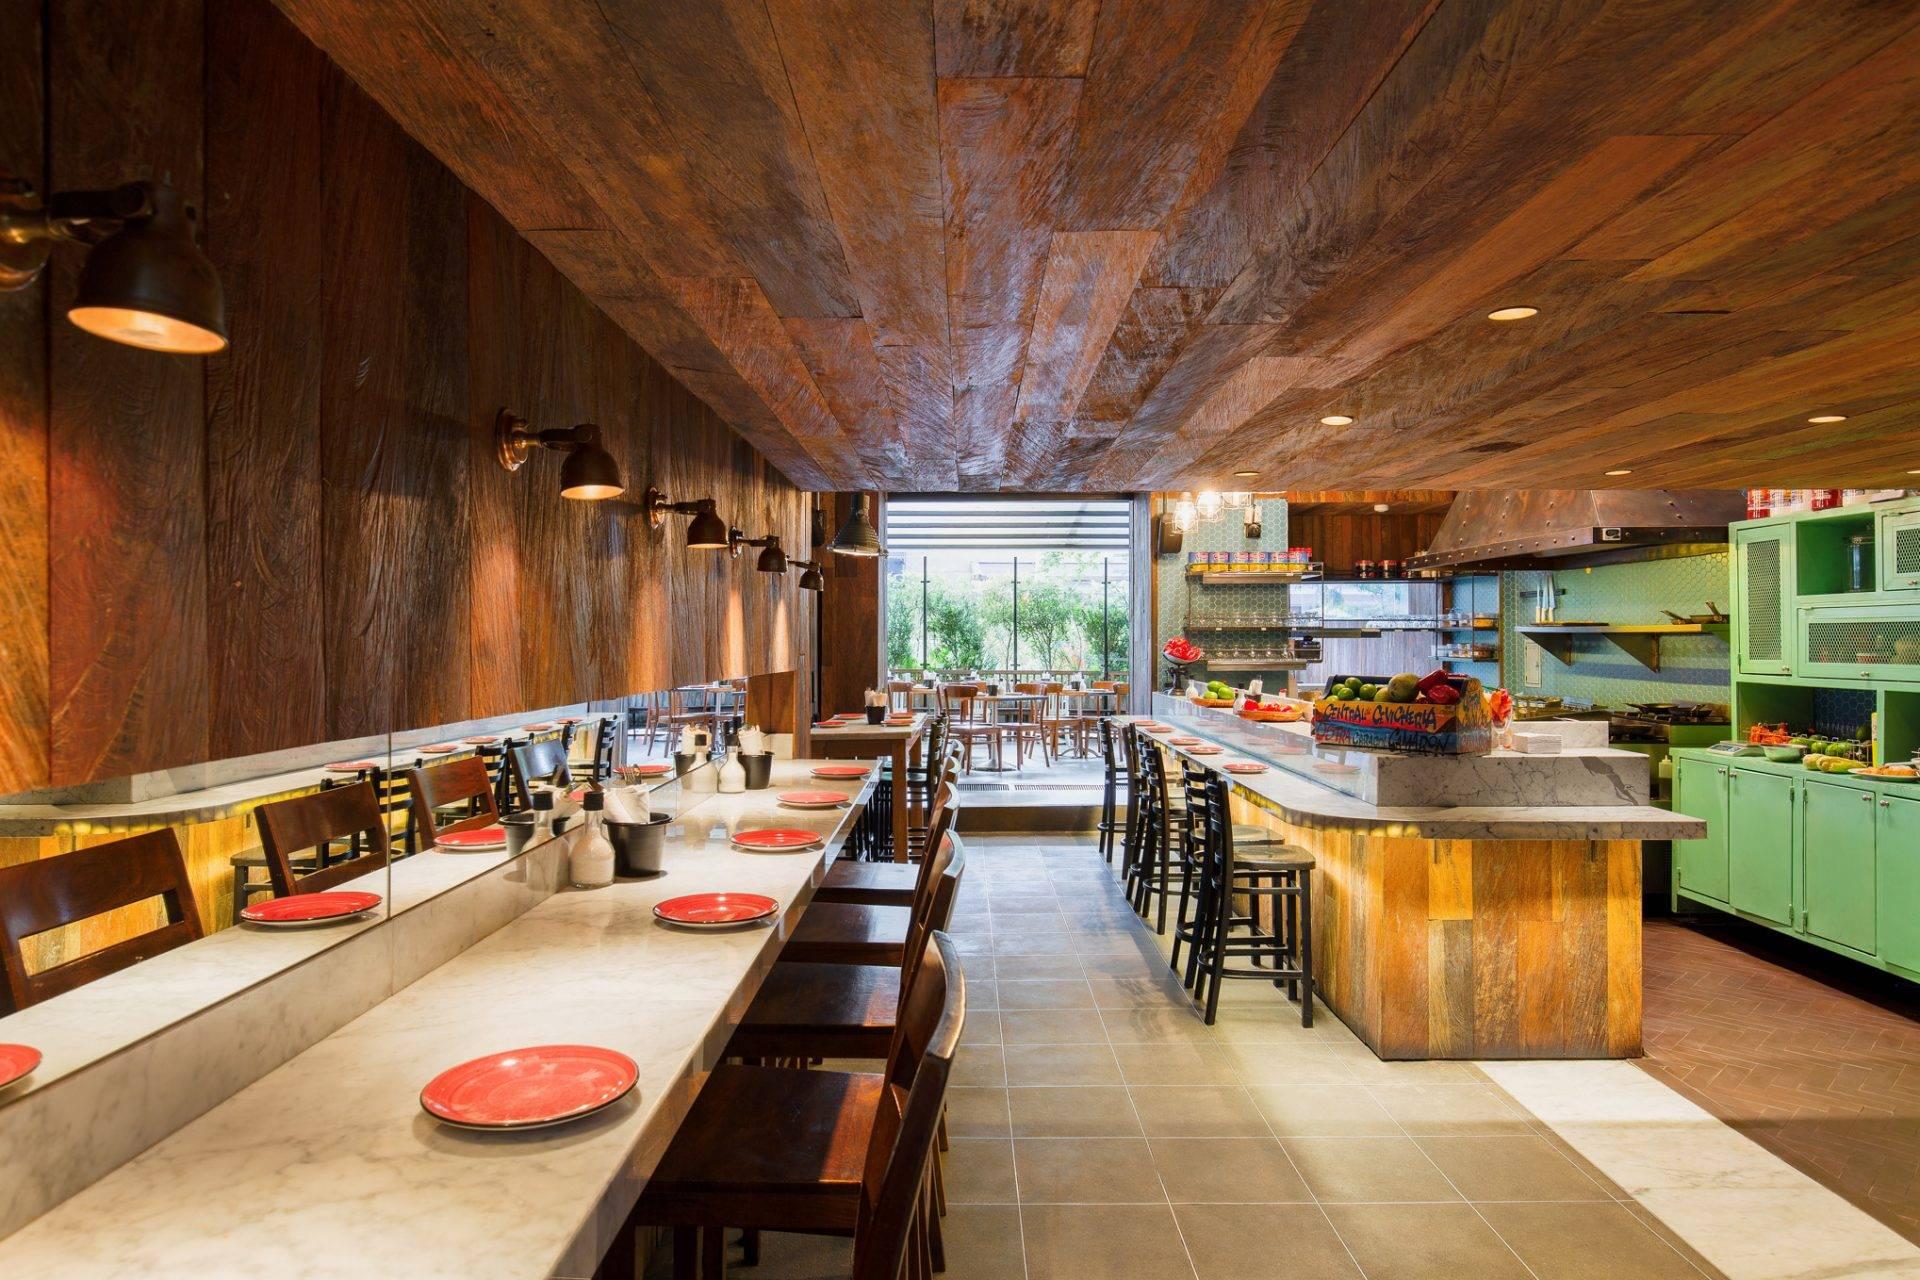 07muñoz.bosch.cevivheria.bogota.restaurante.simonbosch.photography.interior.coala.constructora